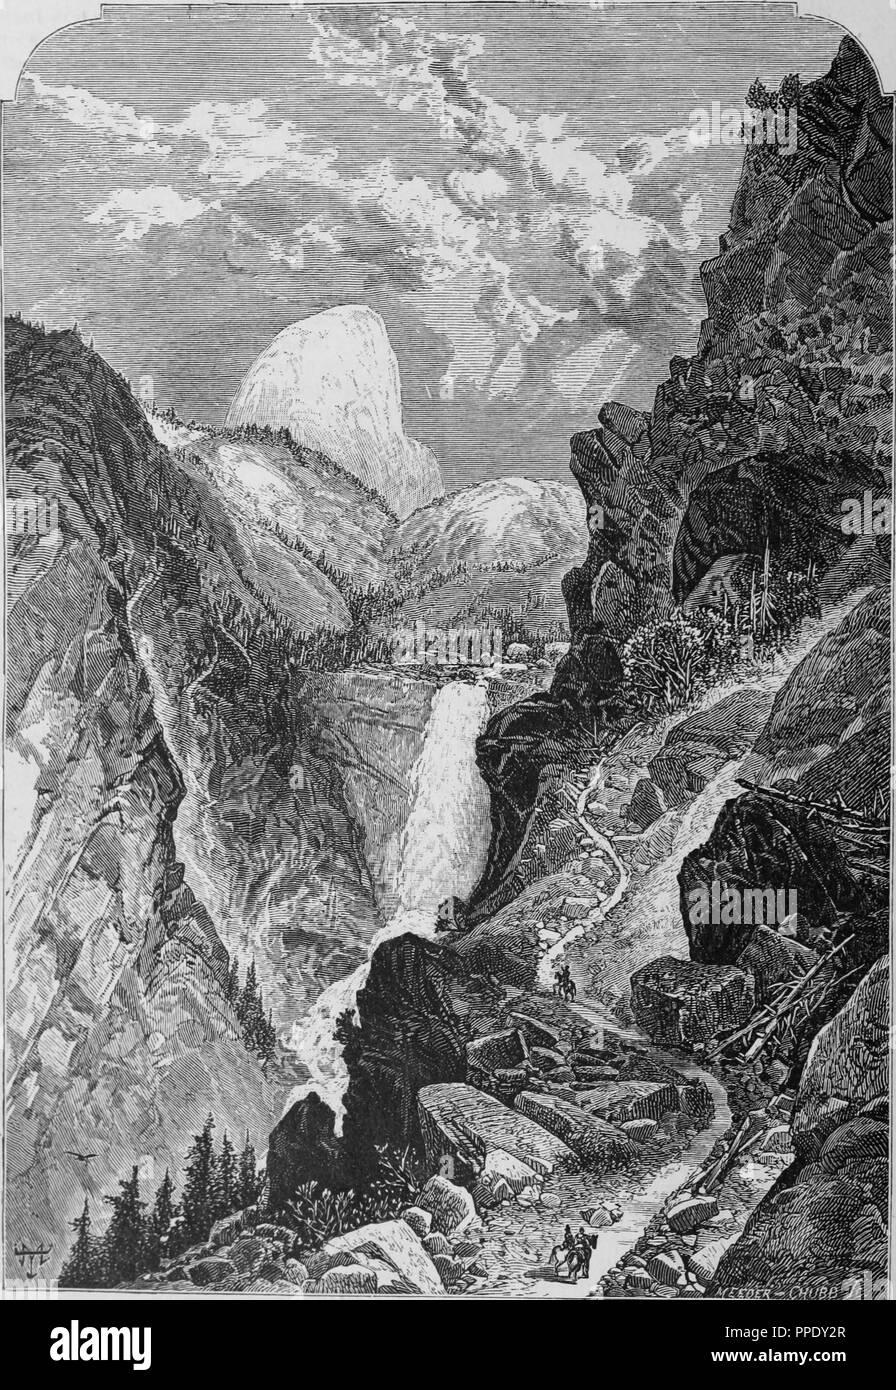 """Incisione del primaverile cade in Yosemite in California, dal libro """"Pacifico turisti"""", 1877. La cortesia Internet Archive. () Immagini Stock"""